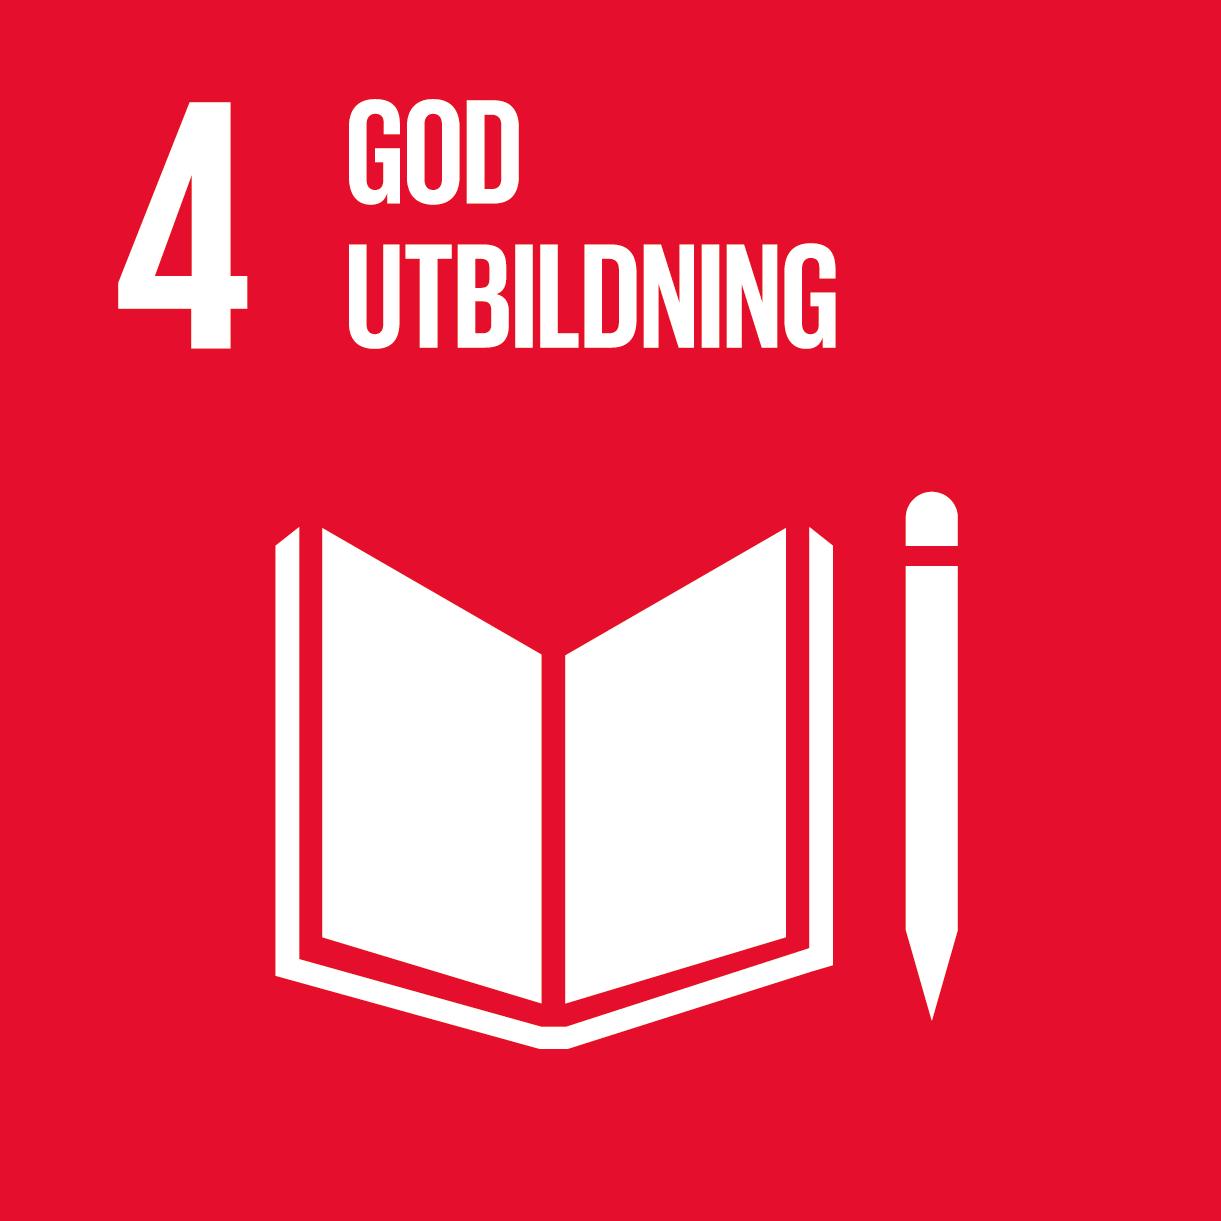 ikon för mål god utbildning. vit bok och penna mot röd grund.